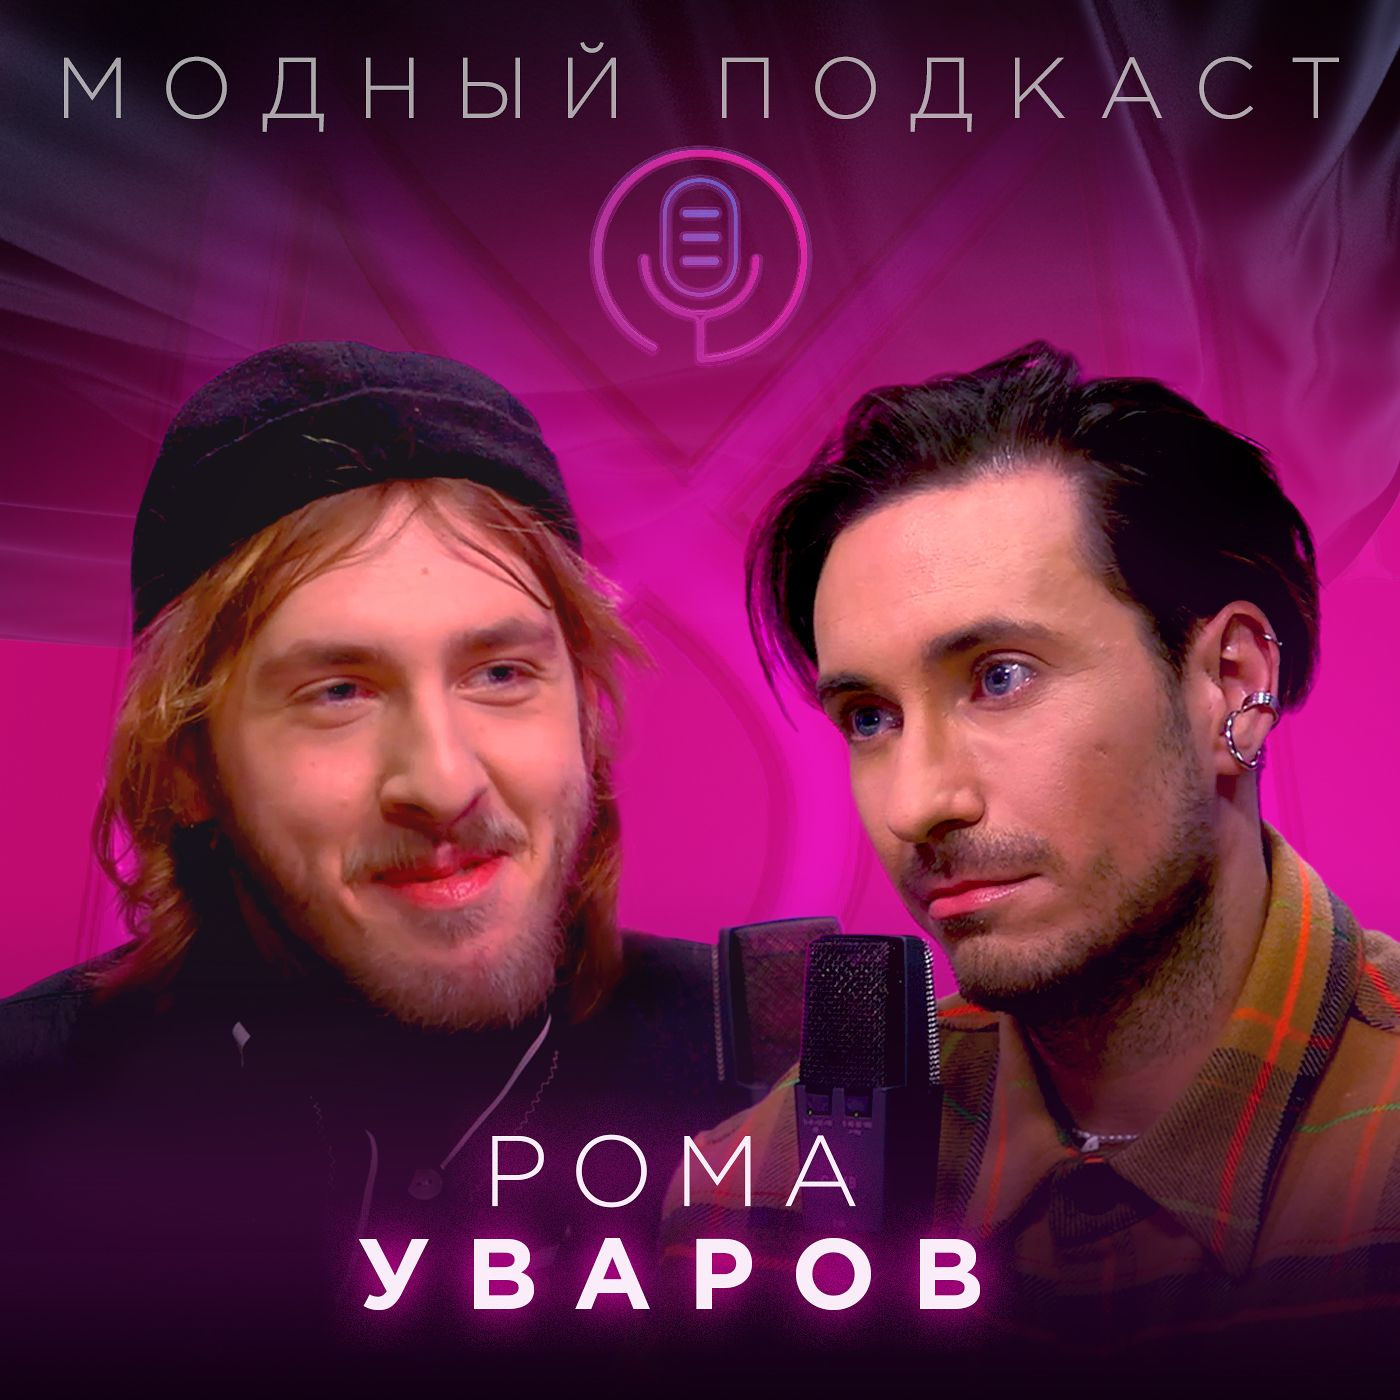 Знакомьтесь: настоящий Рома Уваров